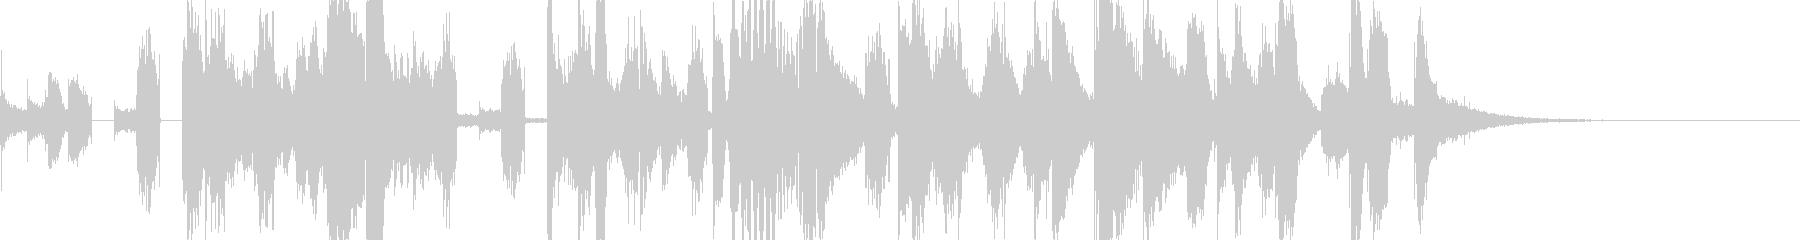 ハッピーで華やかなジングル9.5秒verの未再生の波形